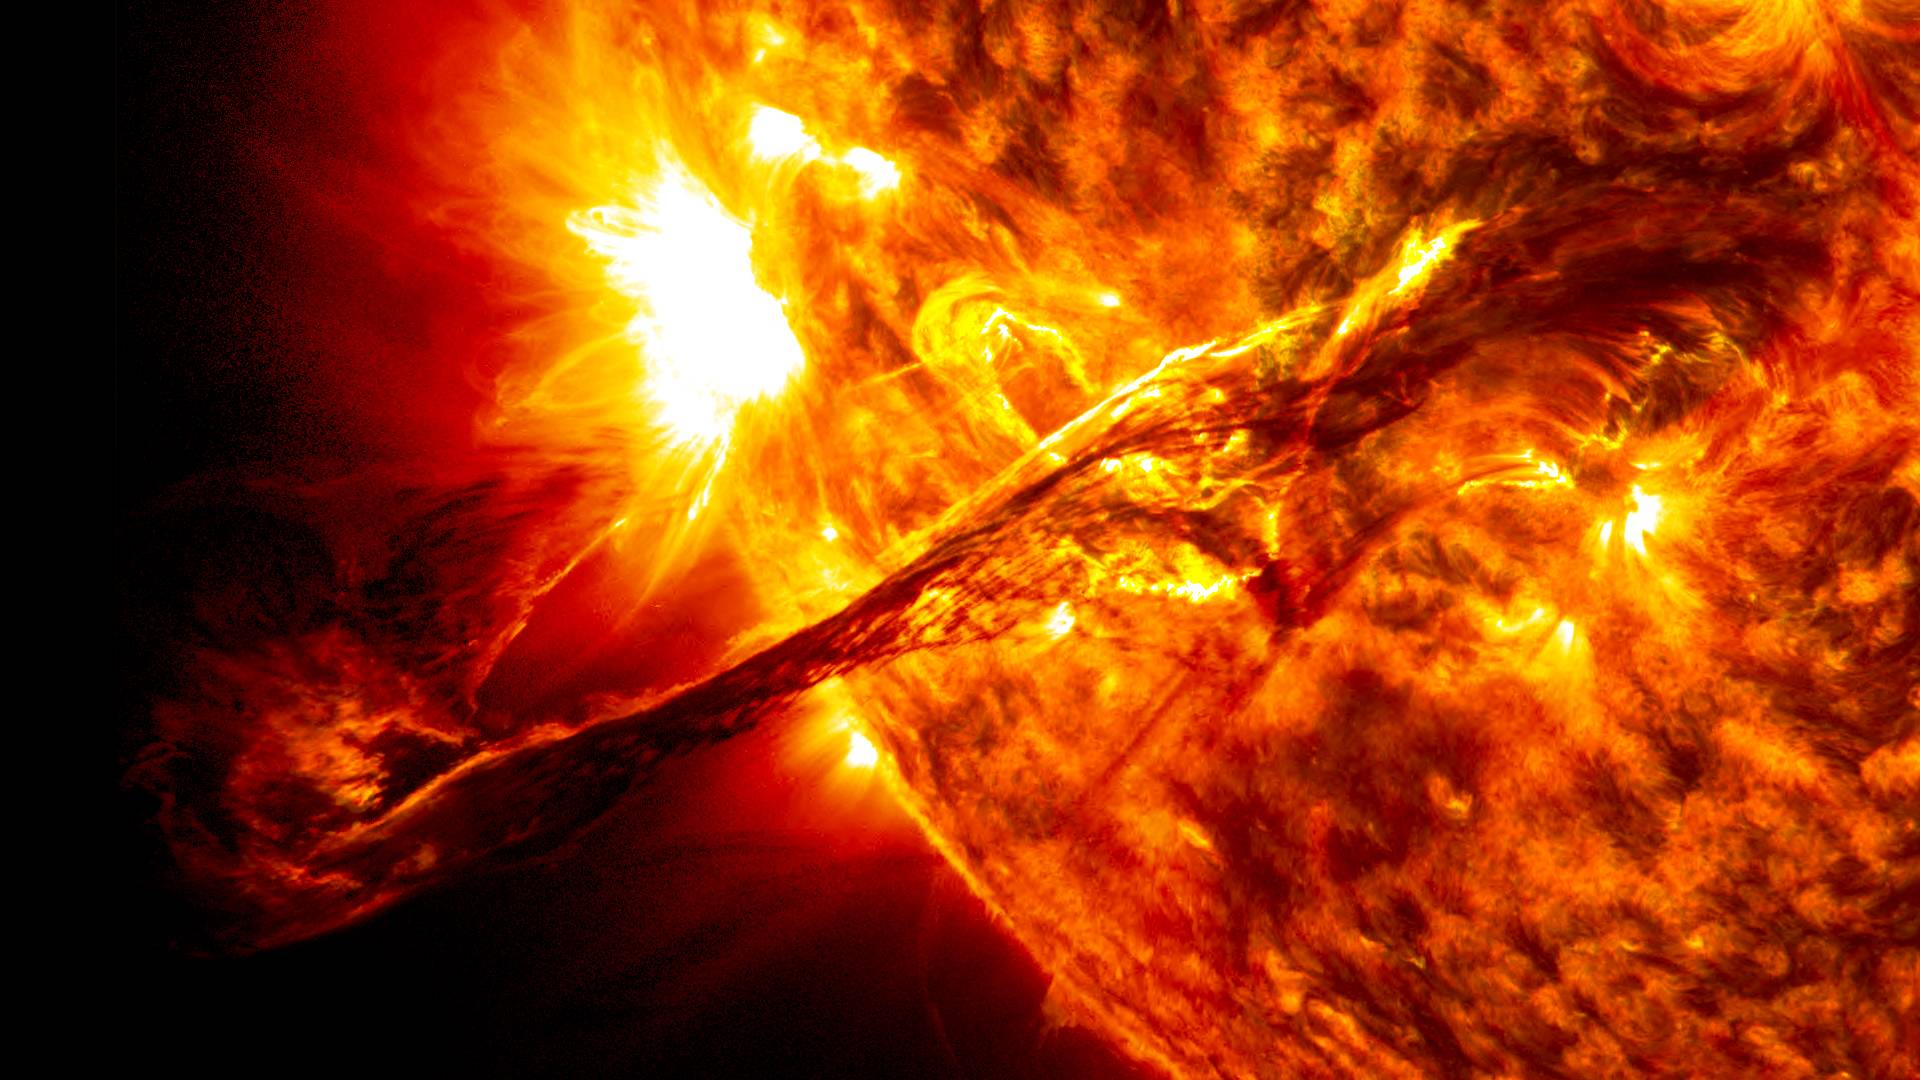 خورشید یک کُرهٔ کامل است که از پلاسمای داغ ساخته شدهاست و در میانهٔ آن میدان مغناطیسی برقرار است.